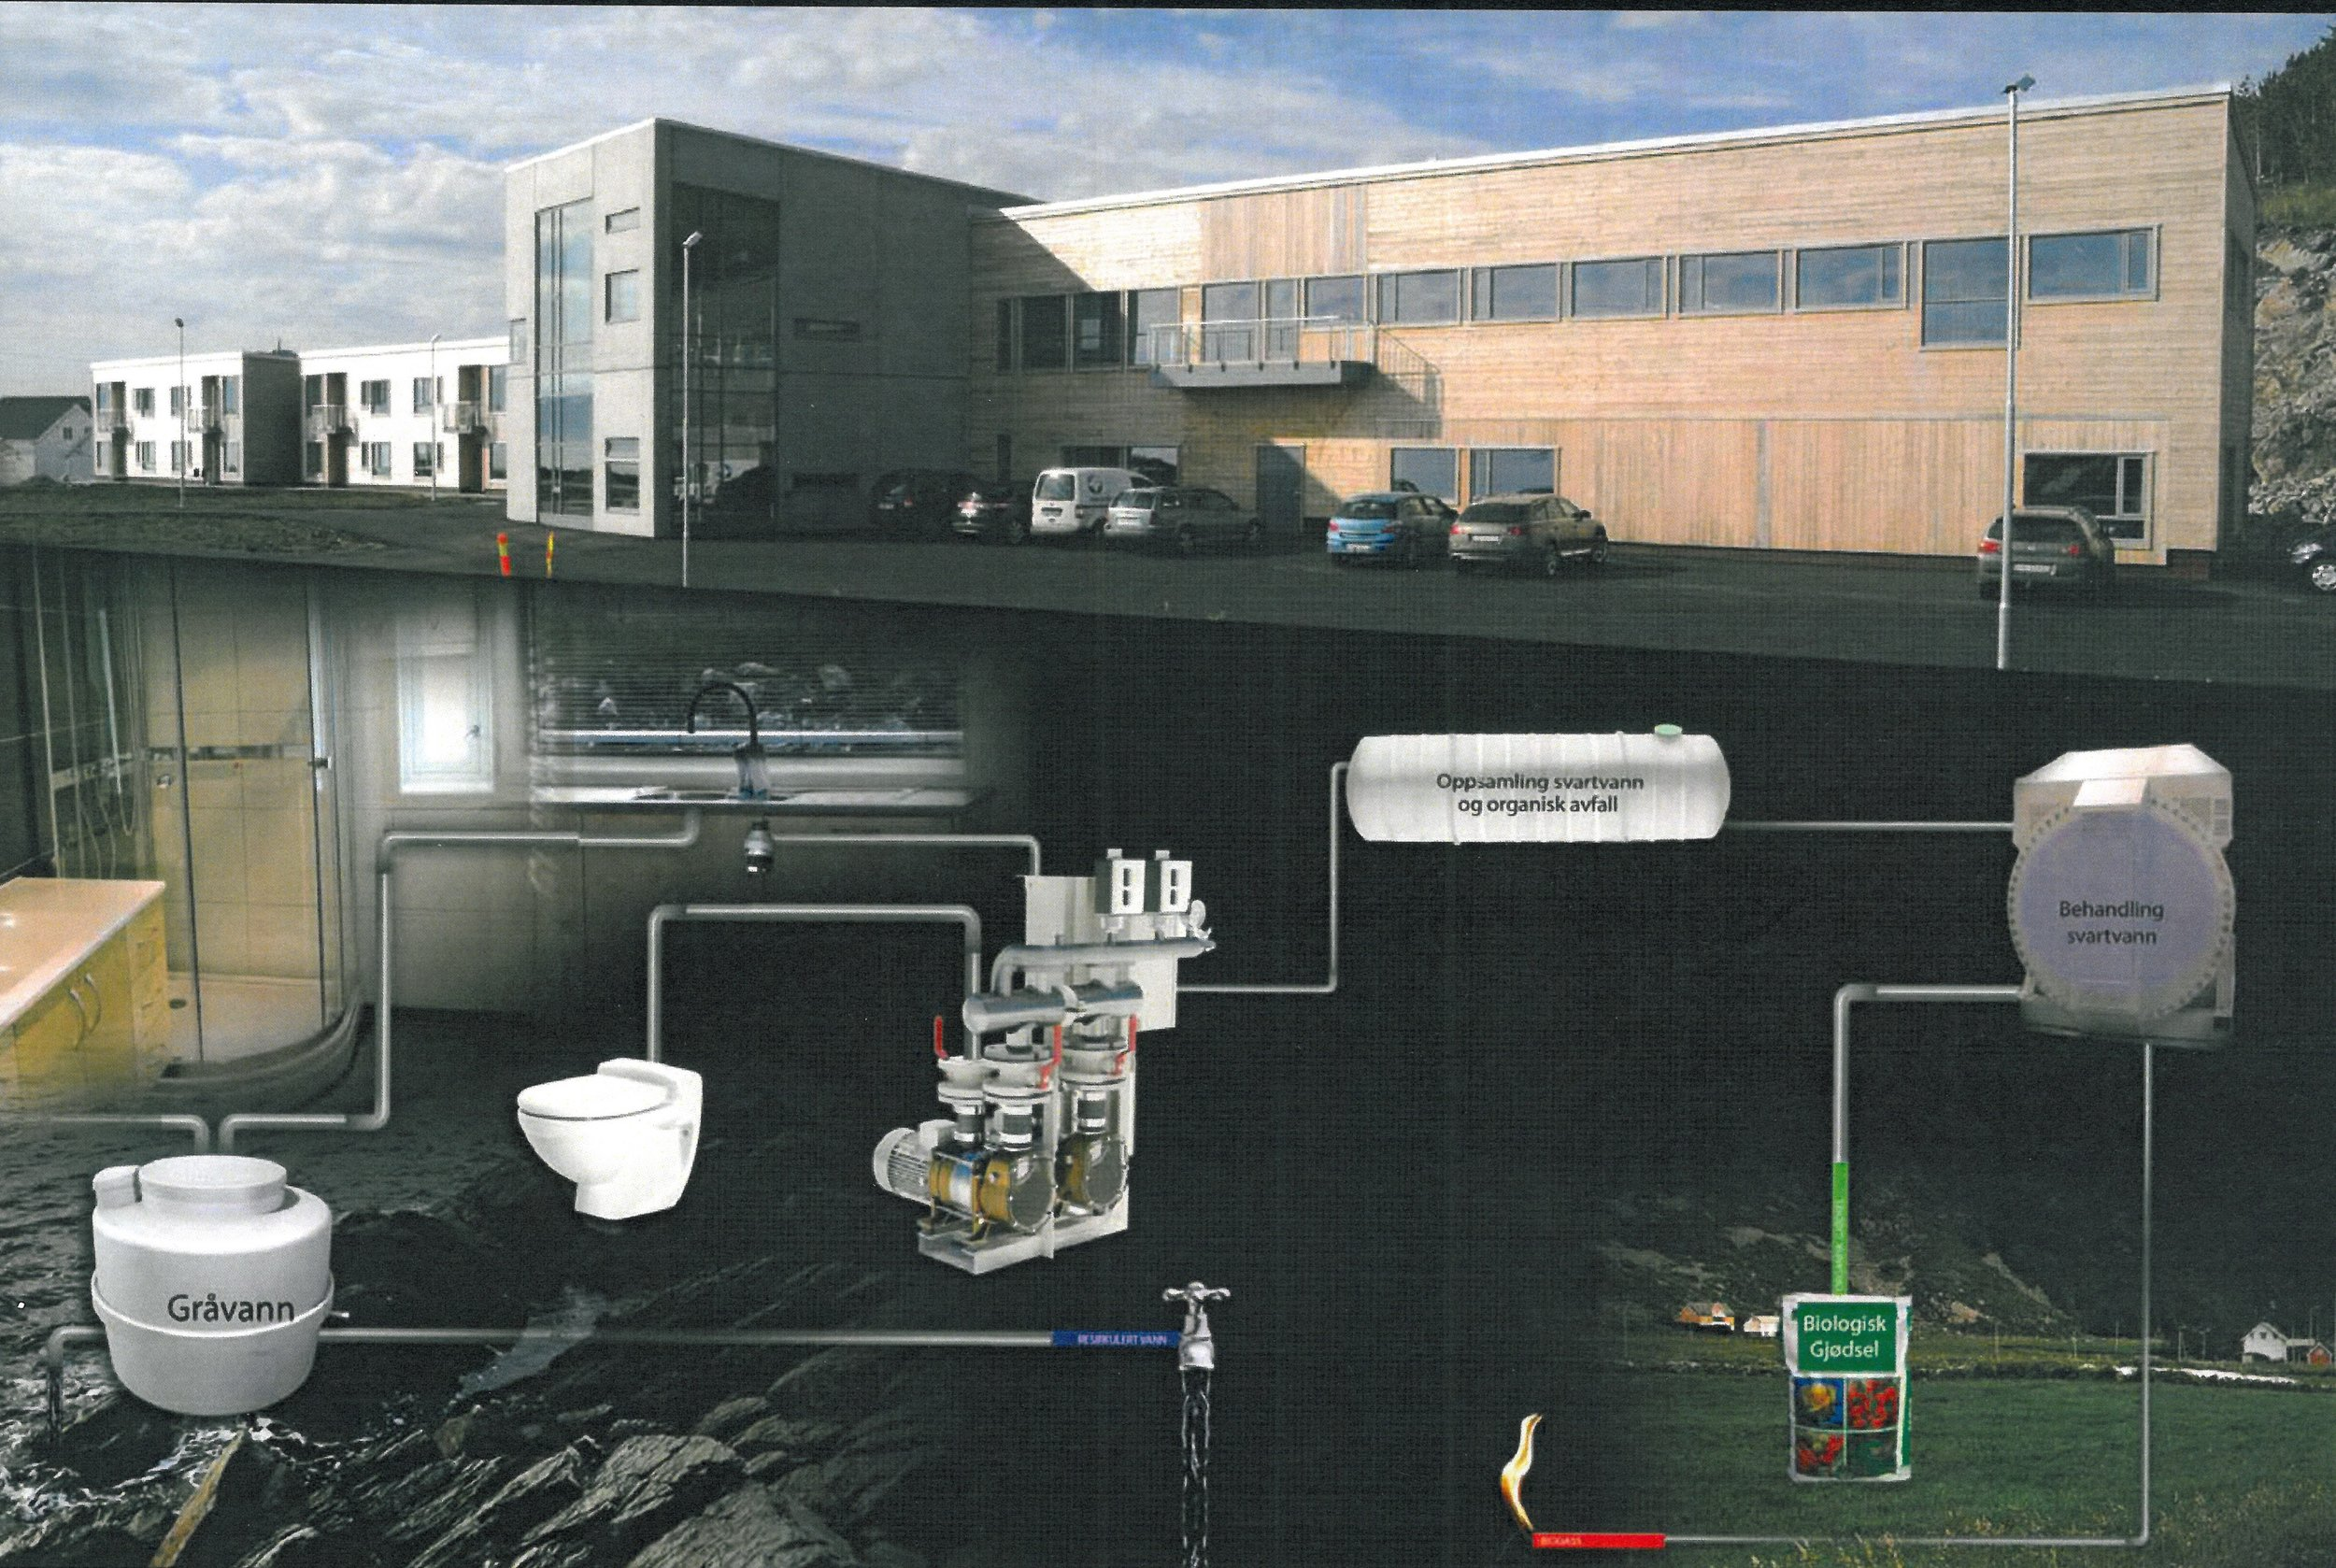 Kildeseparert avløp med etterbehandling av grått og svartvann